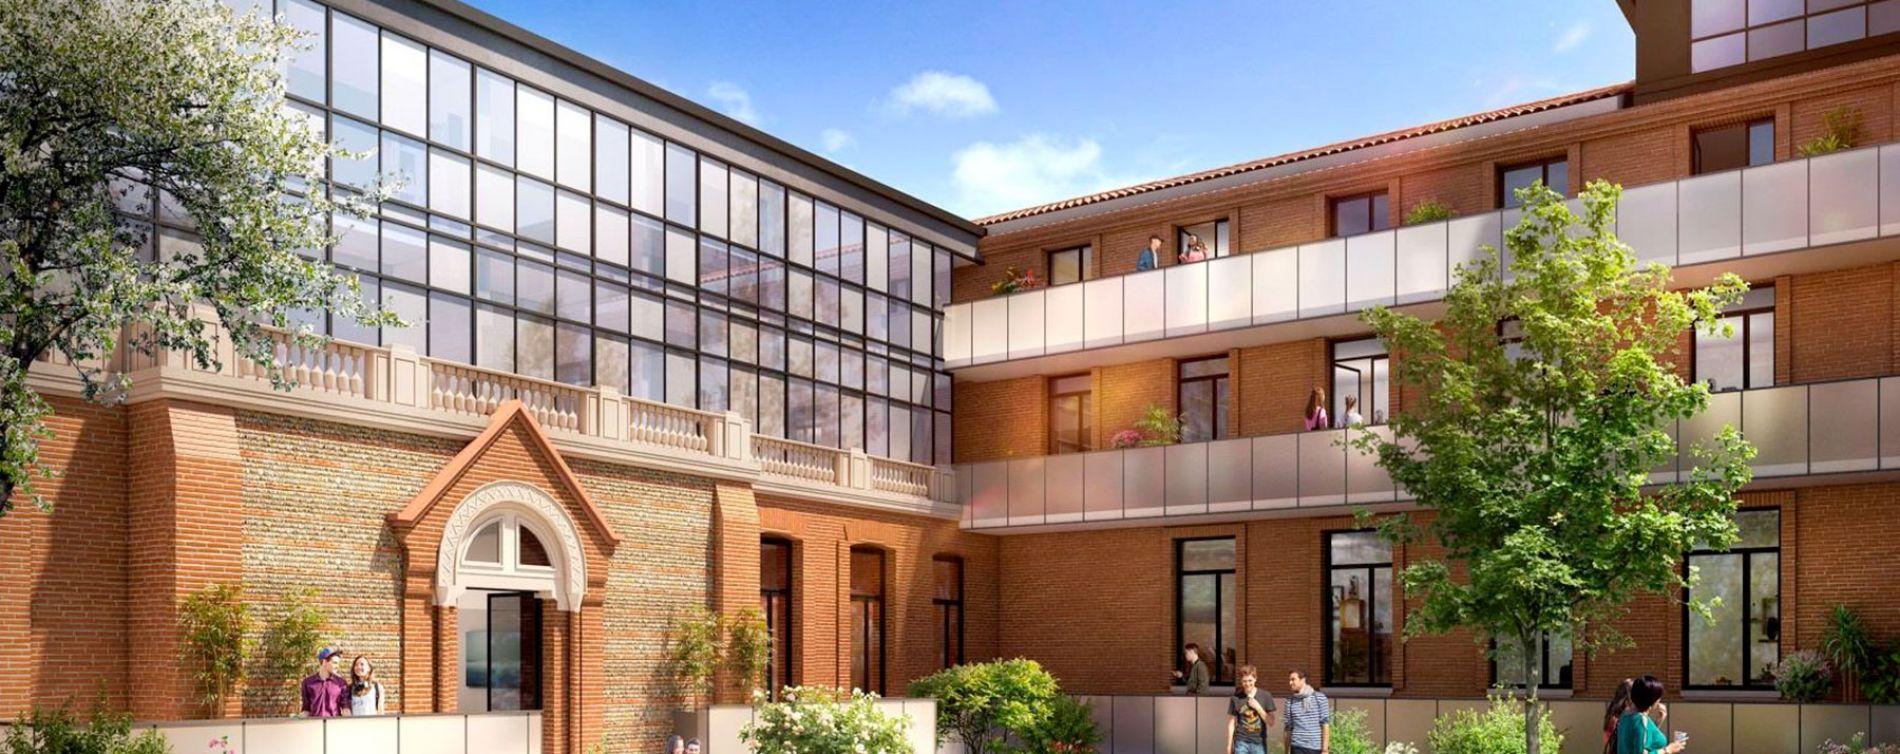 Résidence Campus Saint-Michel à Toulouse